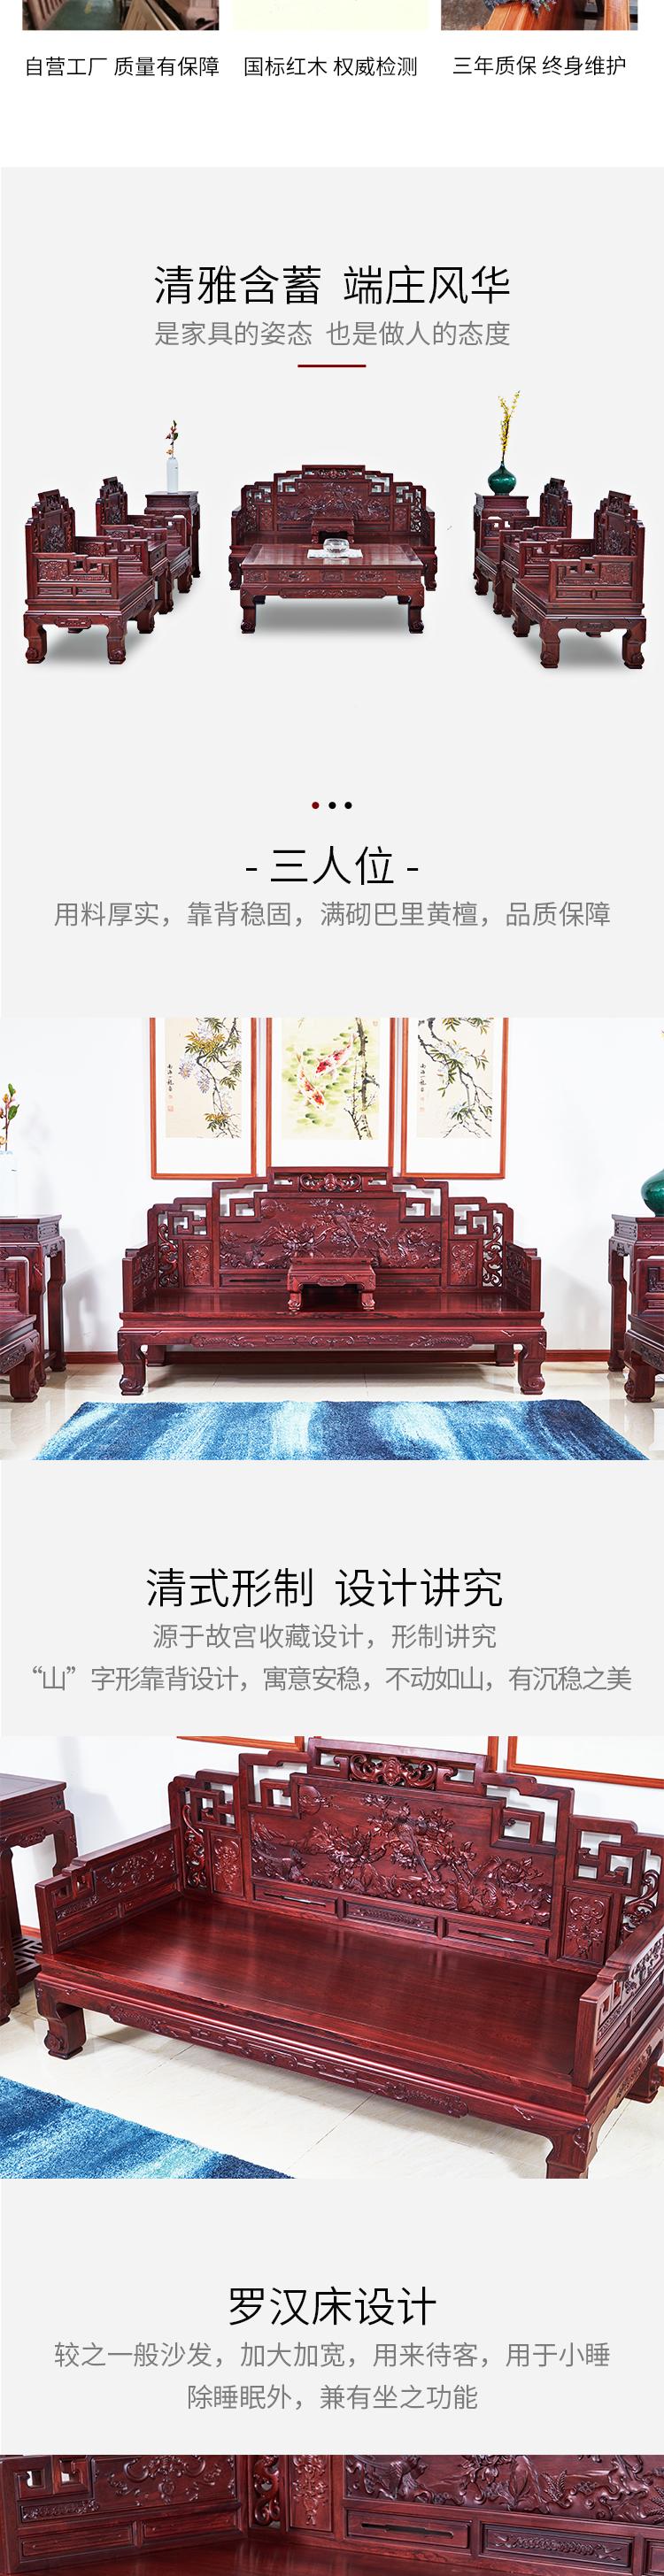 红木家具修改-1_02